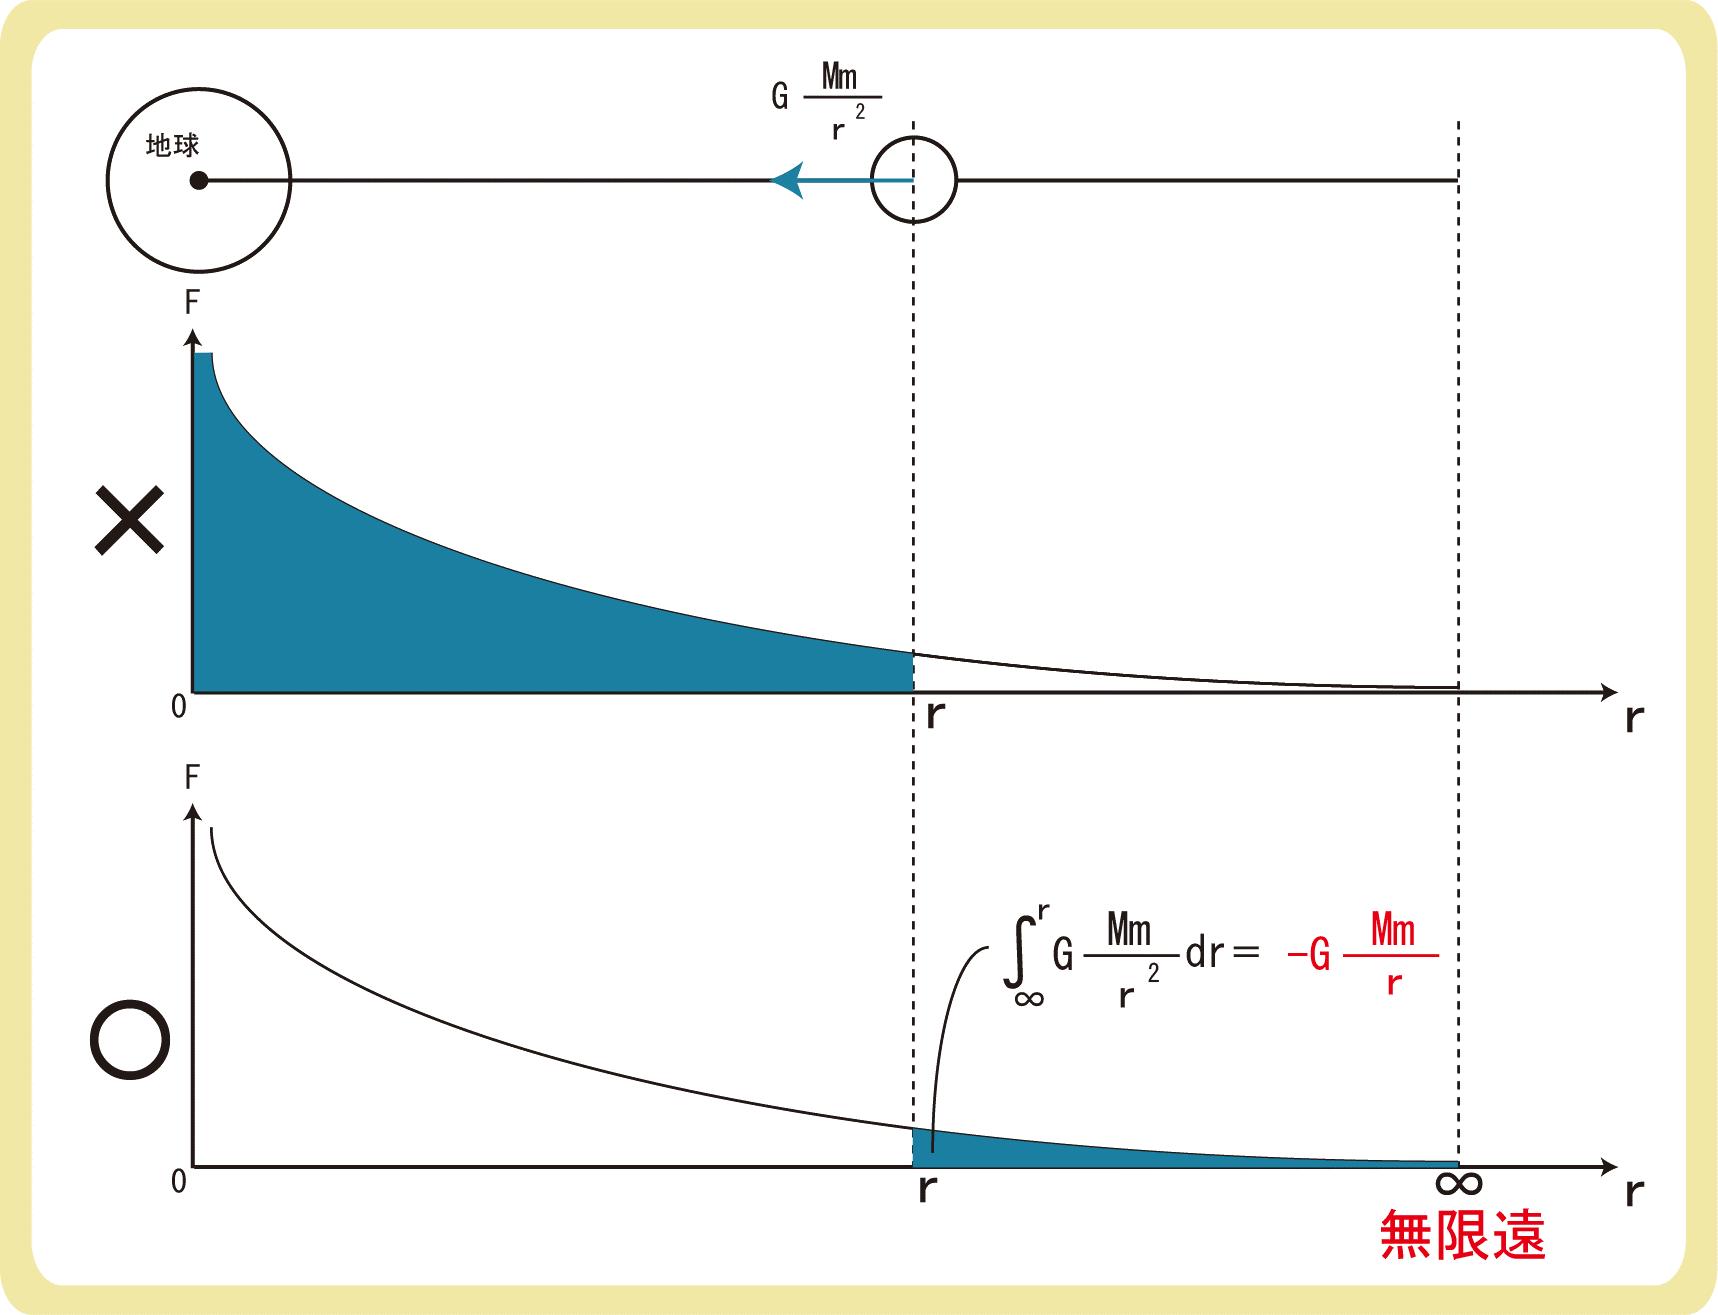 万有引力による位置エネルギーの導出